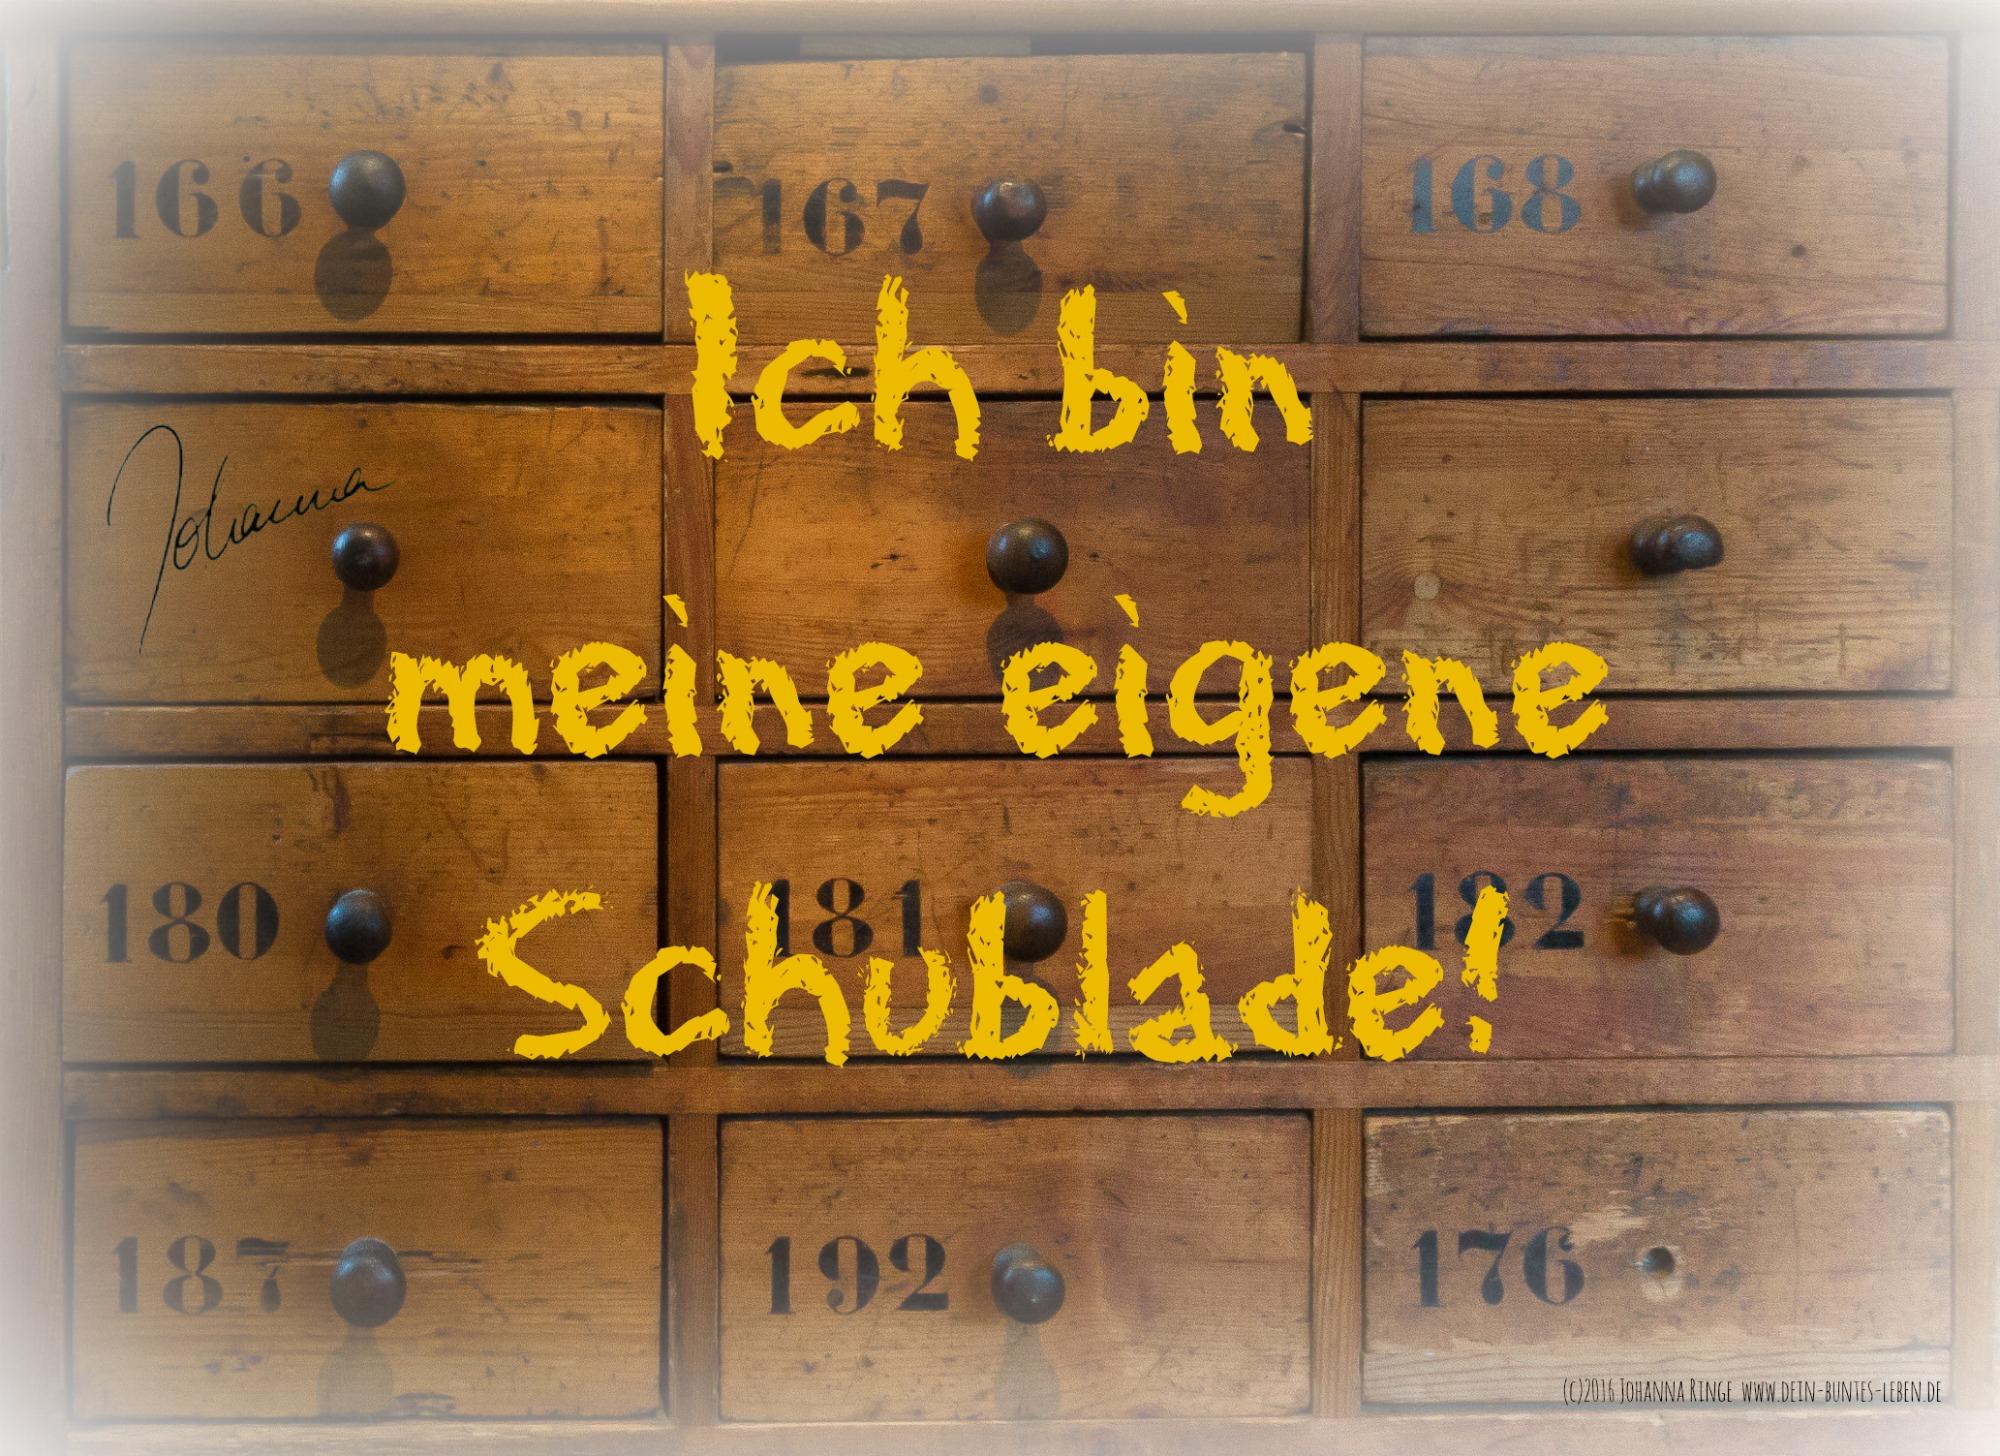 Meine eigene Schublade! (c)2016 Johanna Ringe www.dein-buntes-leben.de